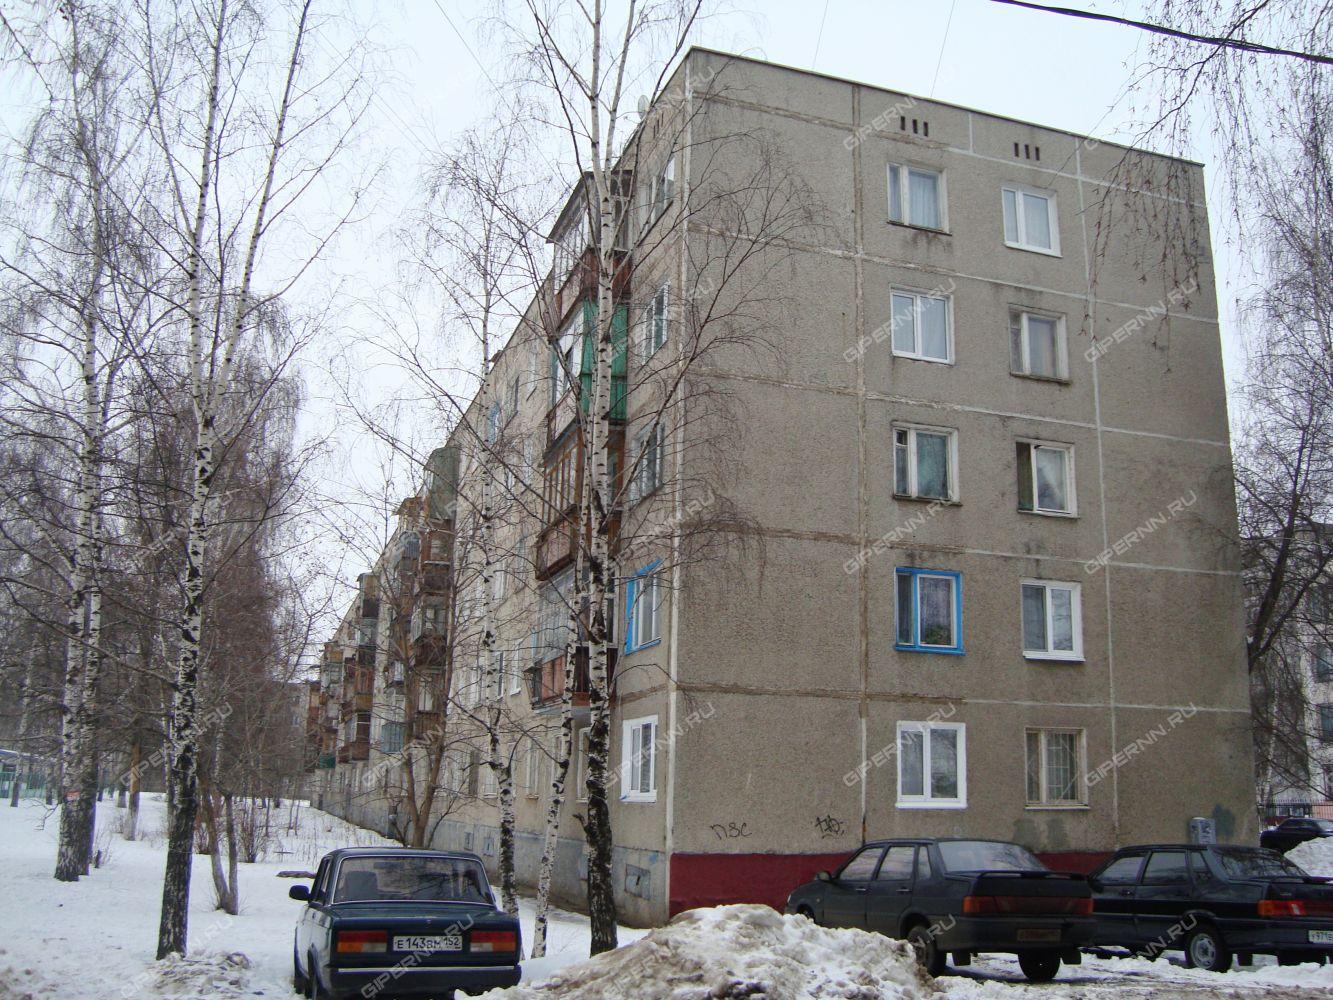 Поиск офисных помещений Мельникова улица аренда офисов до 15 м в санкт-петербурге